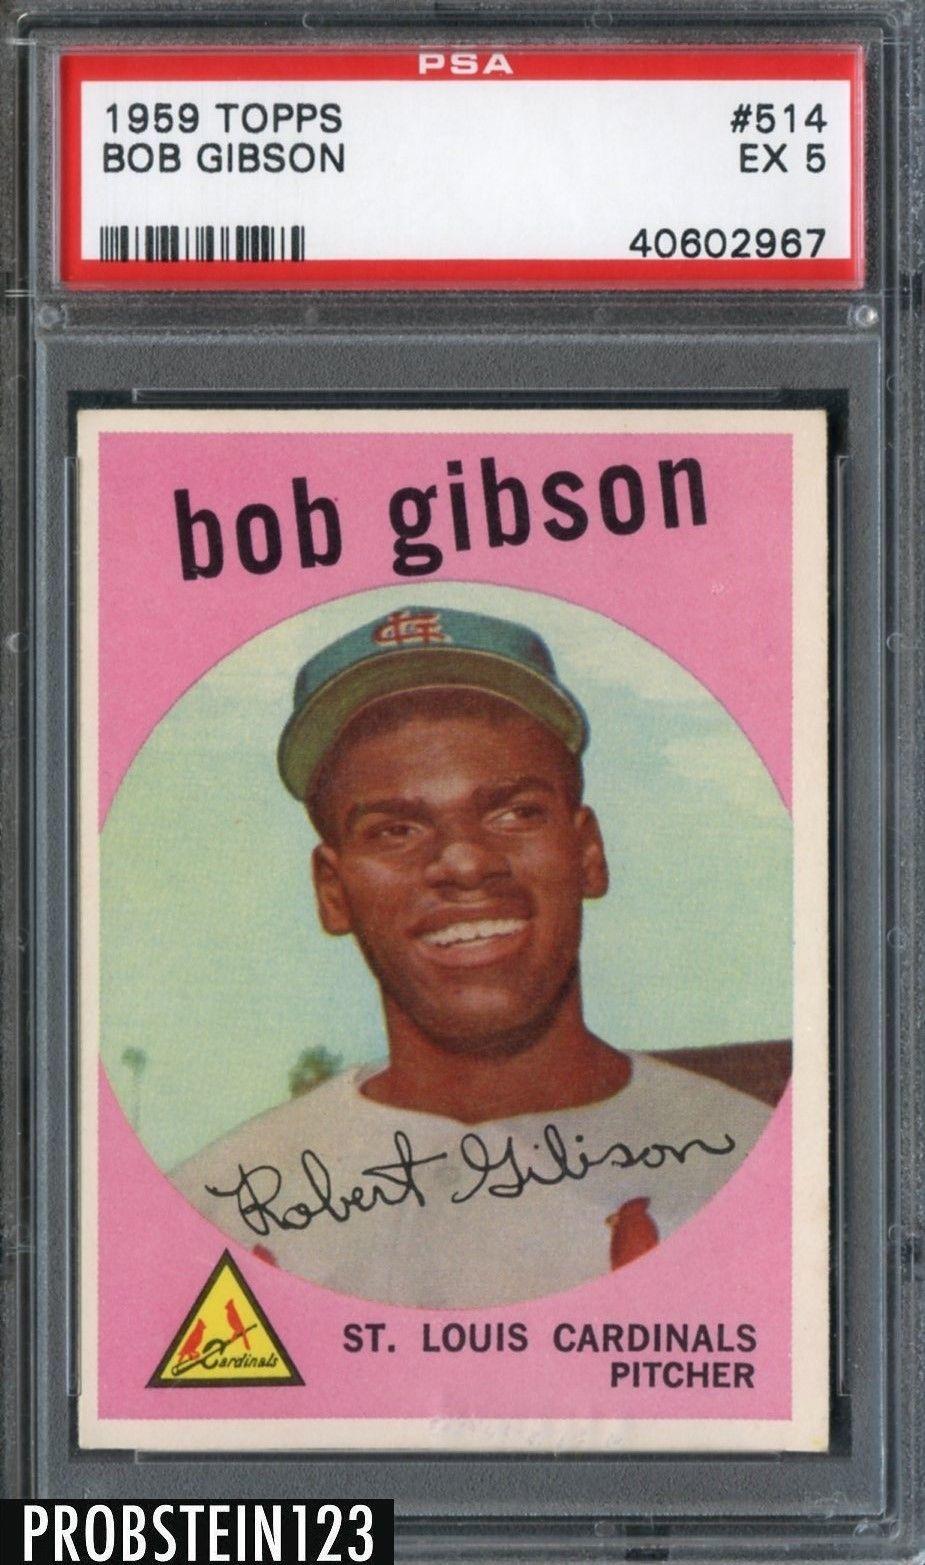 1959 Topps Baseball cards, Baseball cards for sale